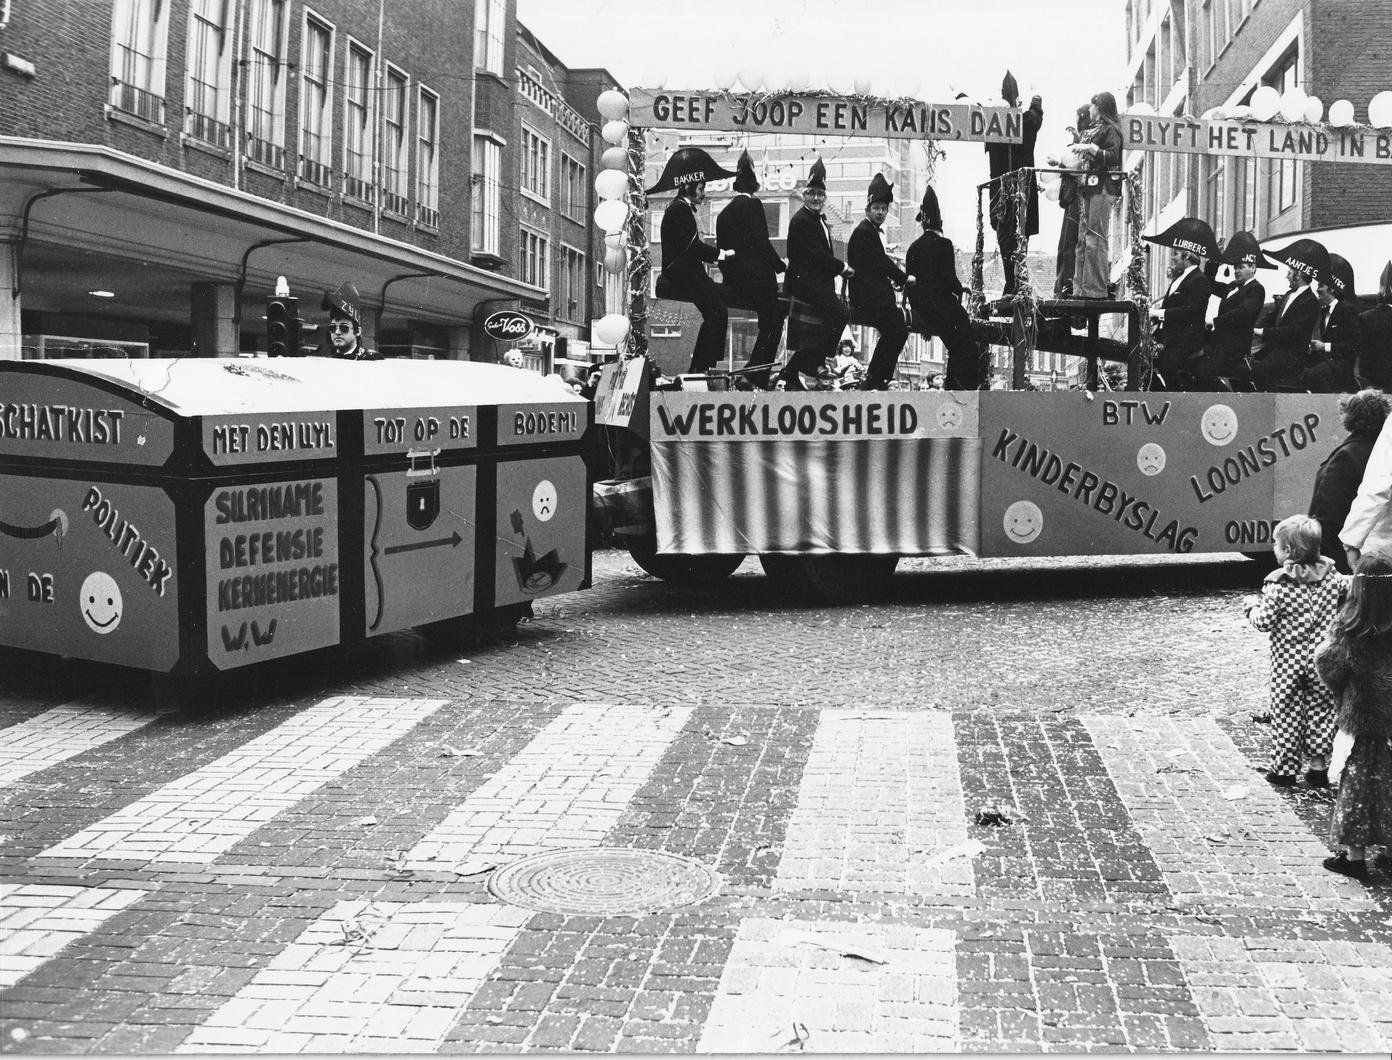 5.-Optocht-seizoen-1975-1976-Joop-die-regelt-het-wel